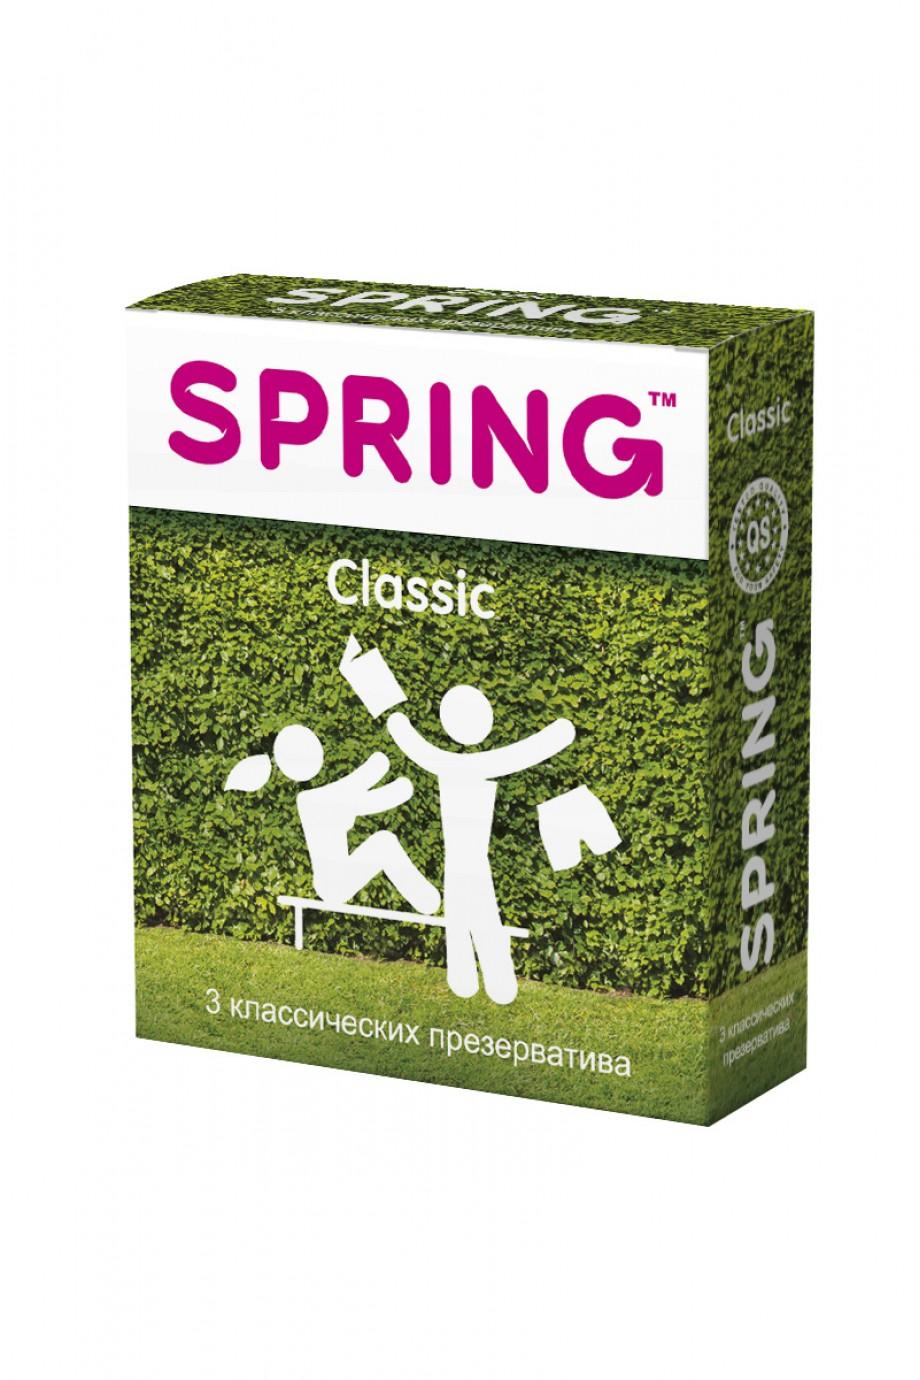 Презервативы Spring Classic, классические, 3 шт